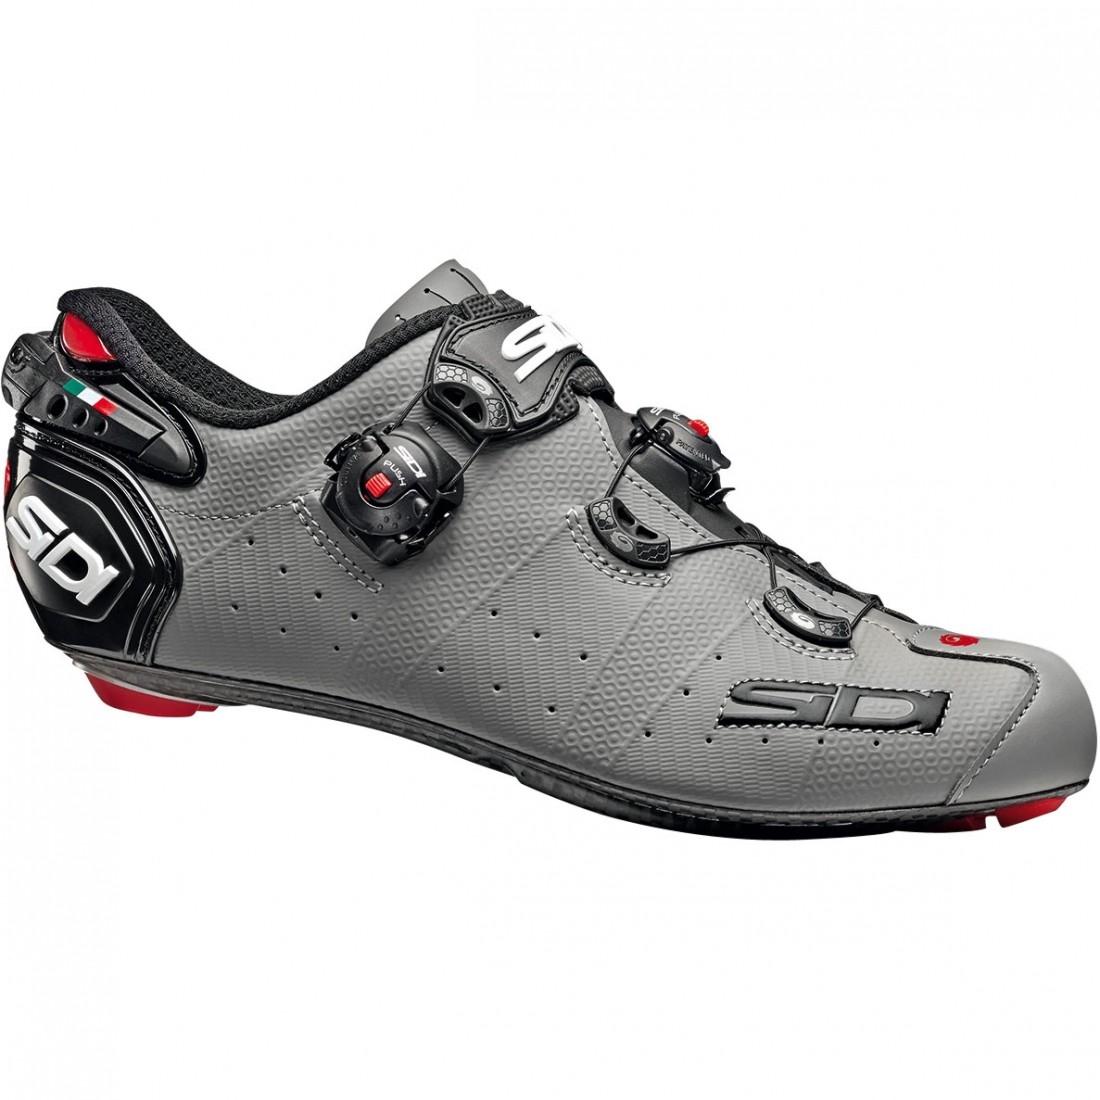 ffa2009cc SIDI Wire 2 Carbon Matt Grey   Black Shoe · Motocard